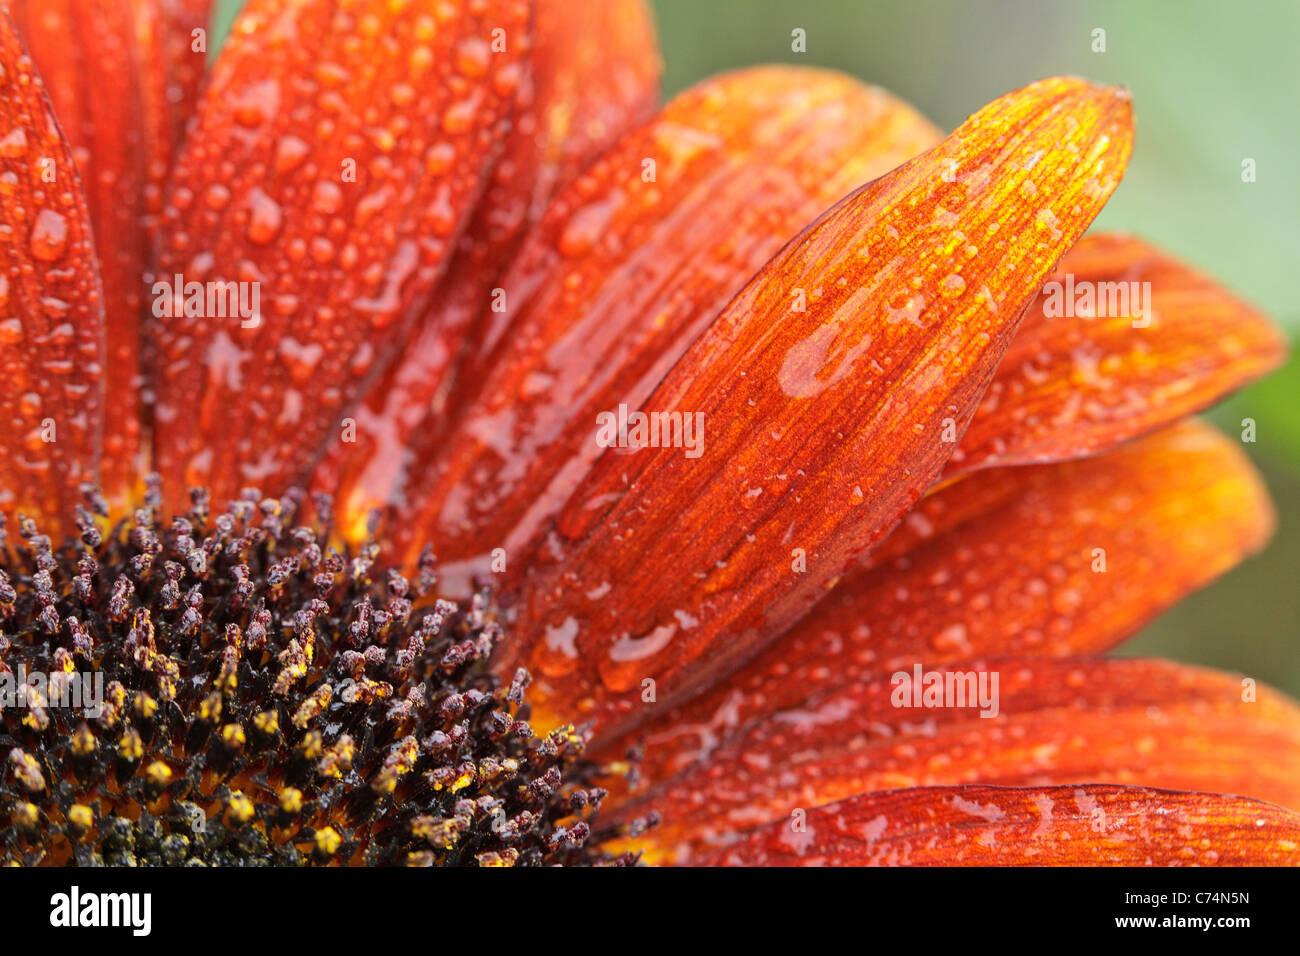 Cerca de gotas de rocío en una naranja girasol en una mañana de verano Imagen De Stock